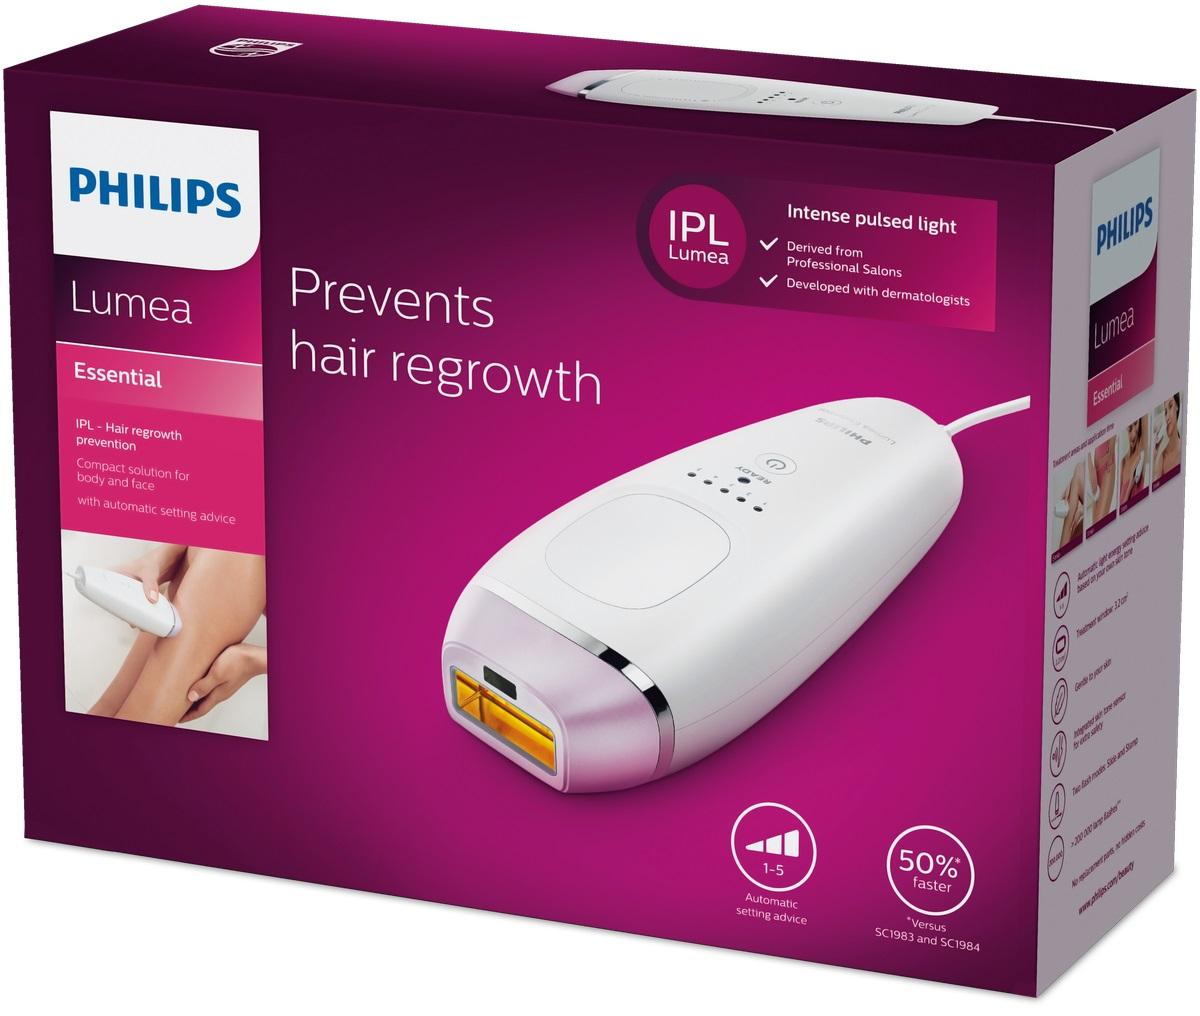 Компактный фотоэпилятор Philips Lumea Essentia  BRI863/00  для быстрой процедуры на теле и лице Philips